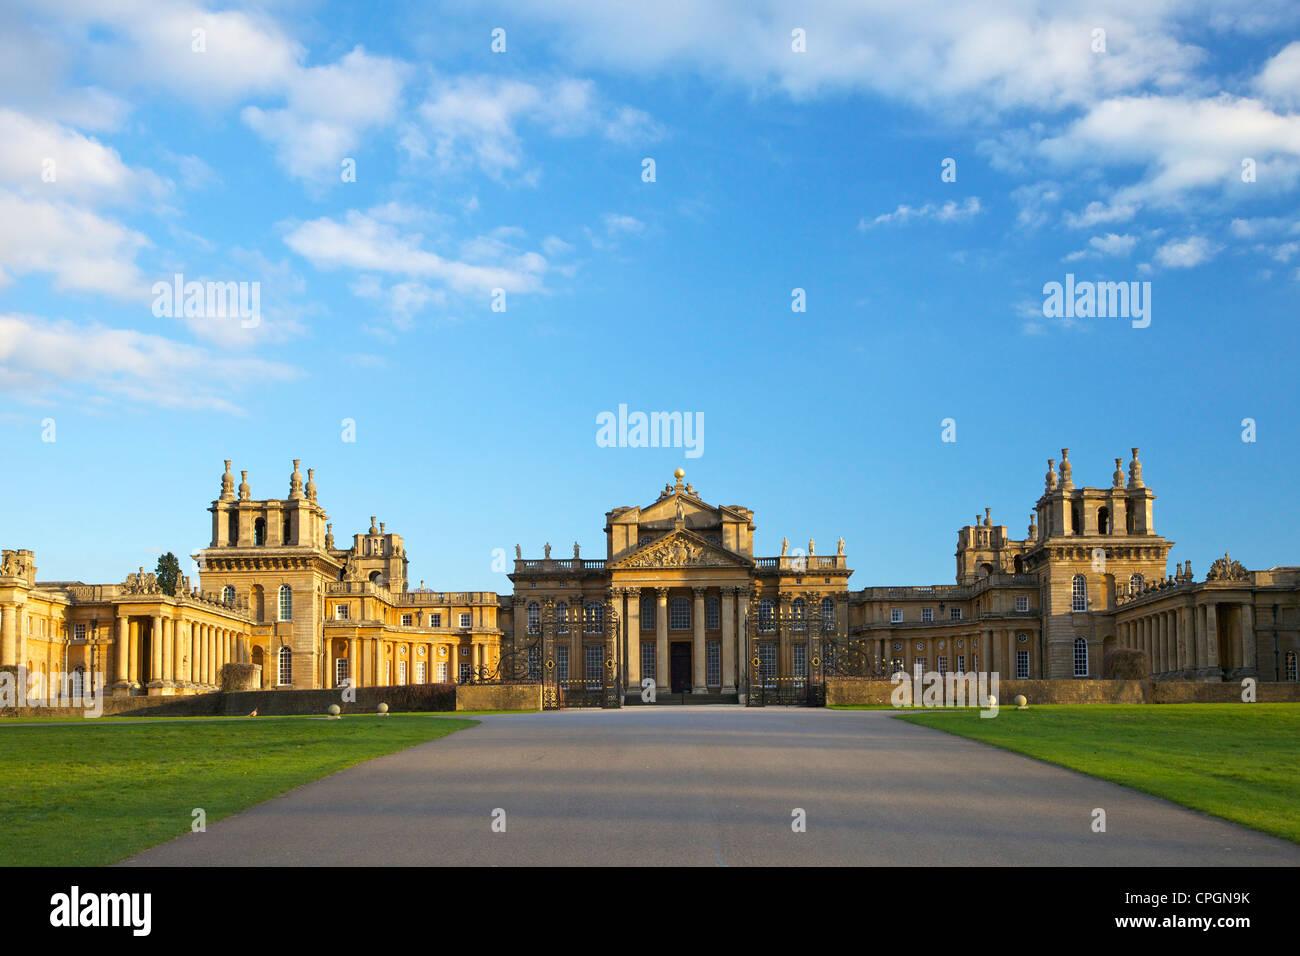 El Palacio de Blenheim, Woodstock, Oxfordshire, Inglaterra, UK, Reino Unido, Islas Británicas, GB, Gran Bretaña, Imagen De Stock